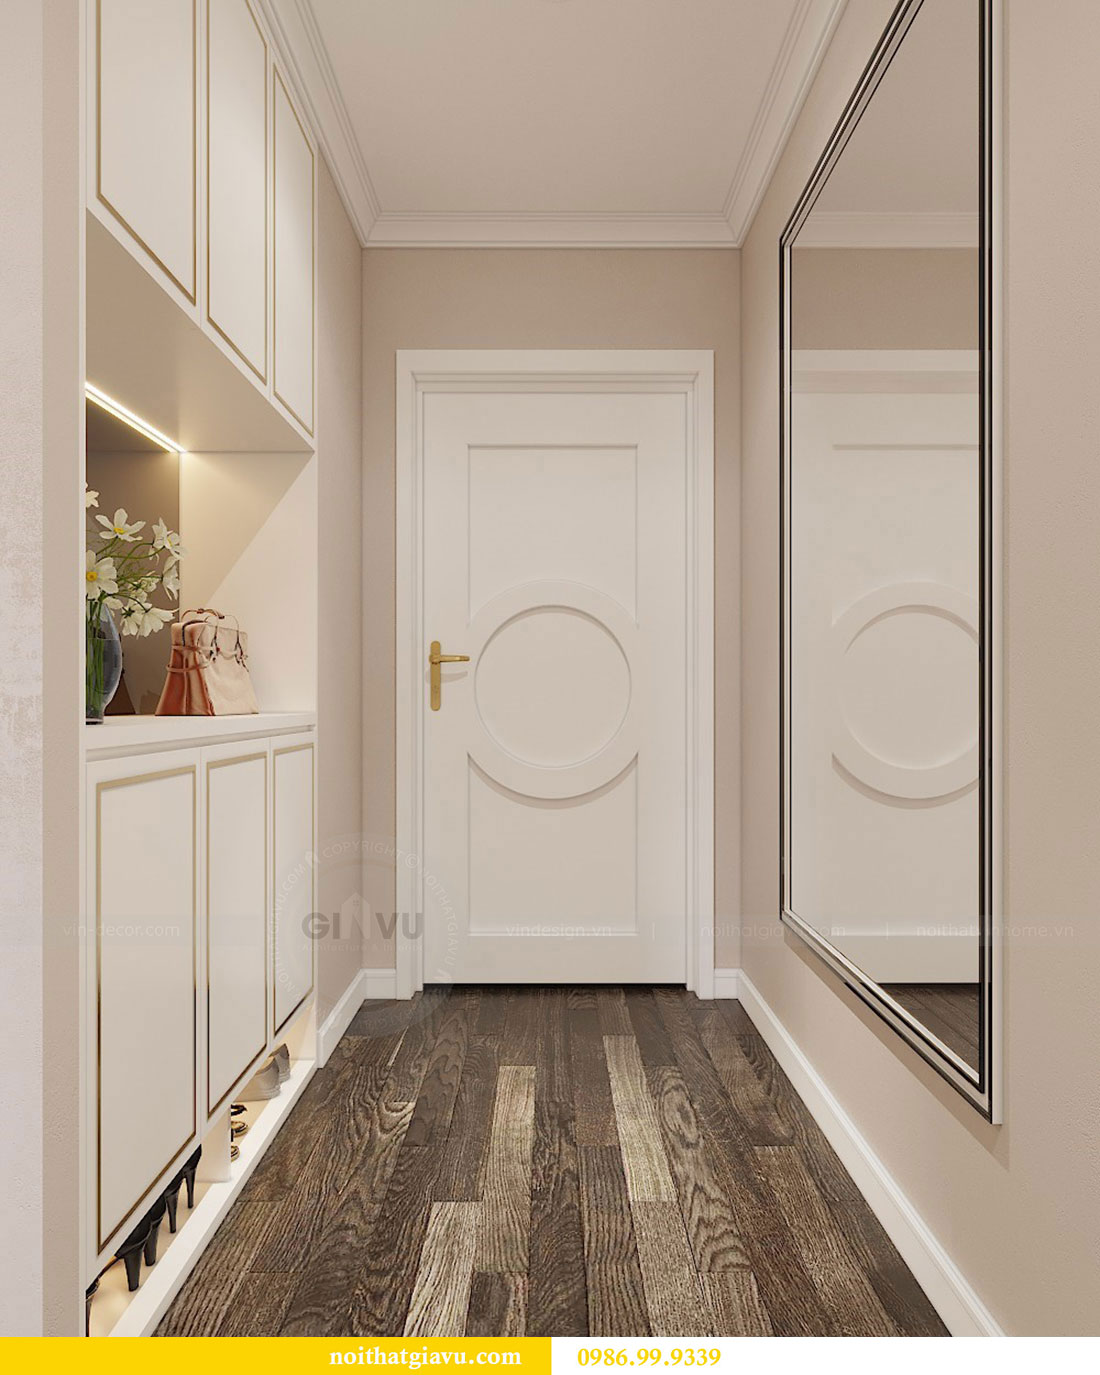 Thiết kế nội thất Vinhomes Green Bay Mễ Trì - Lh 0986999339 view 1